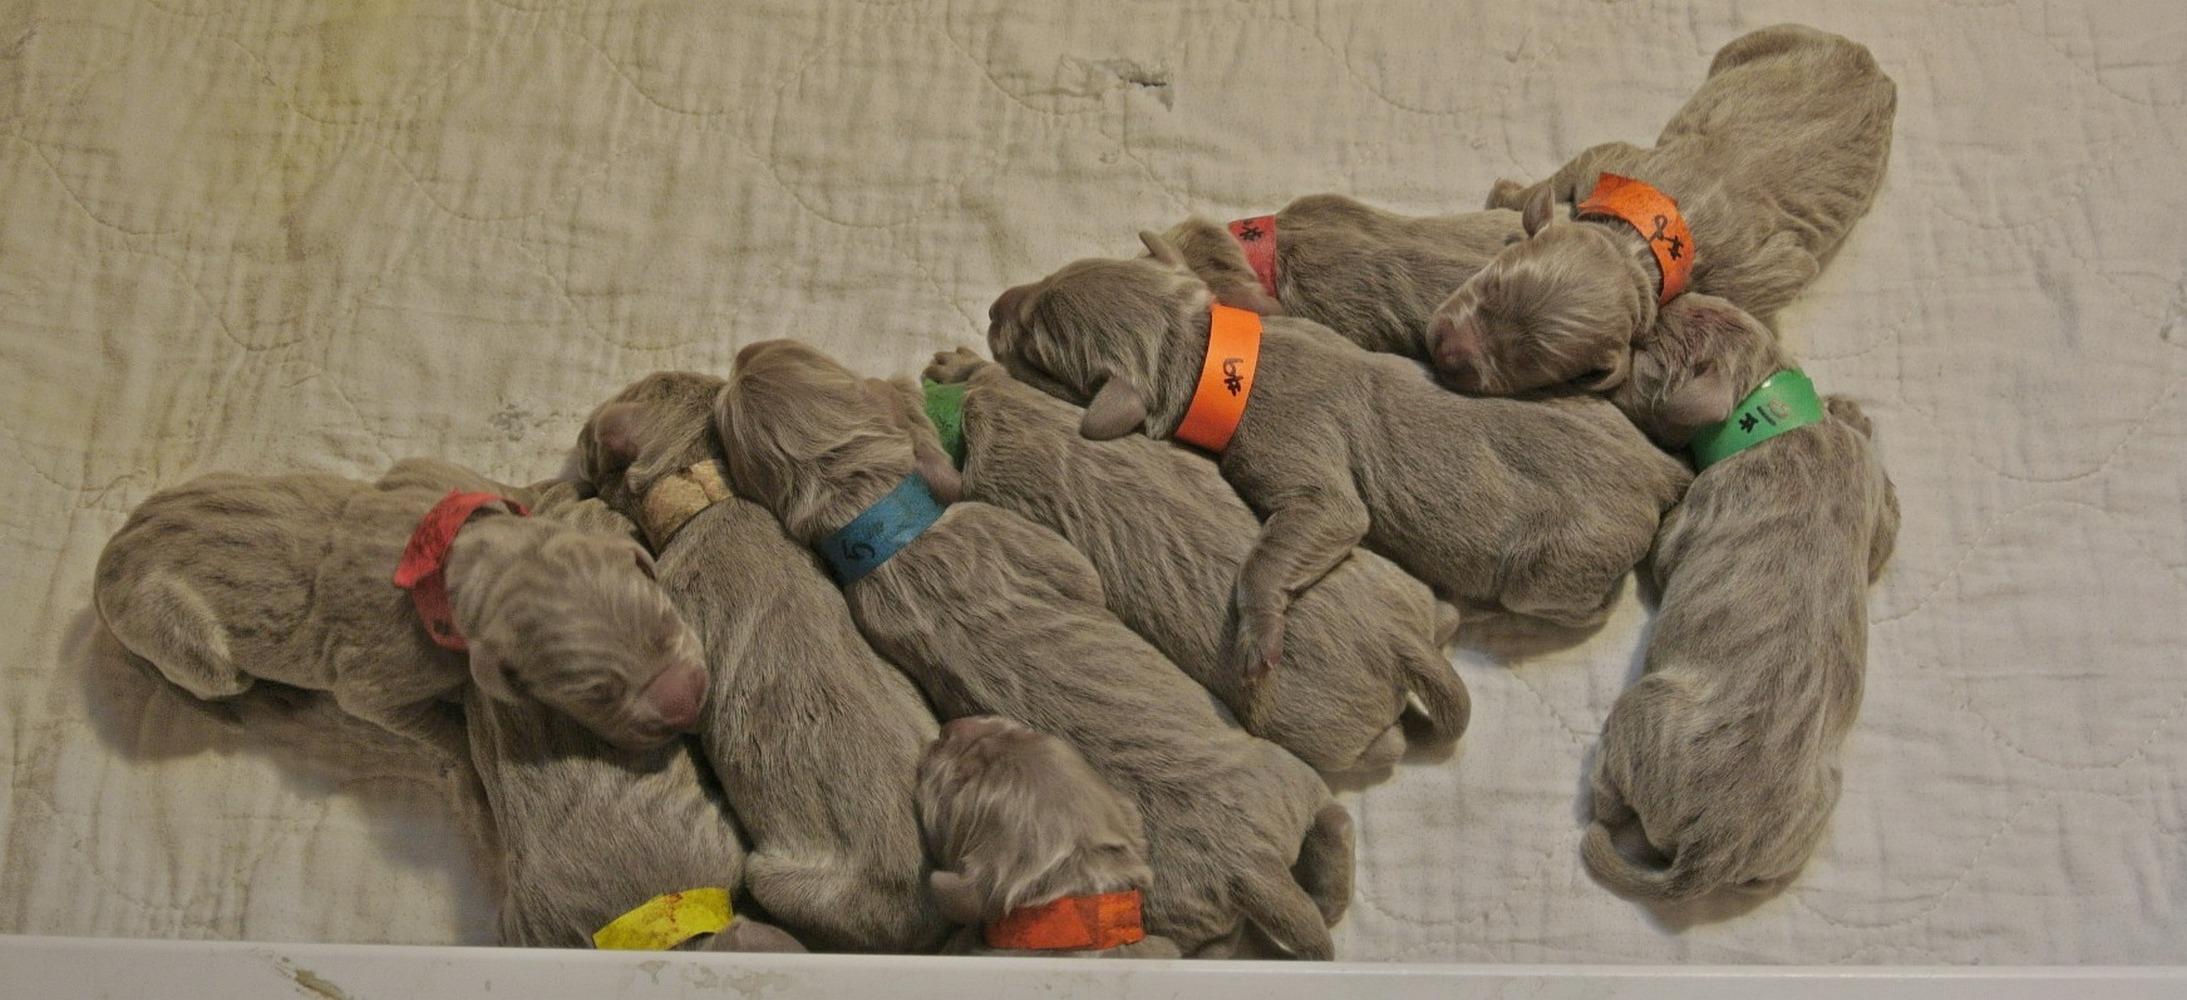 Greta's Newborns